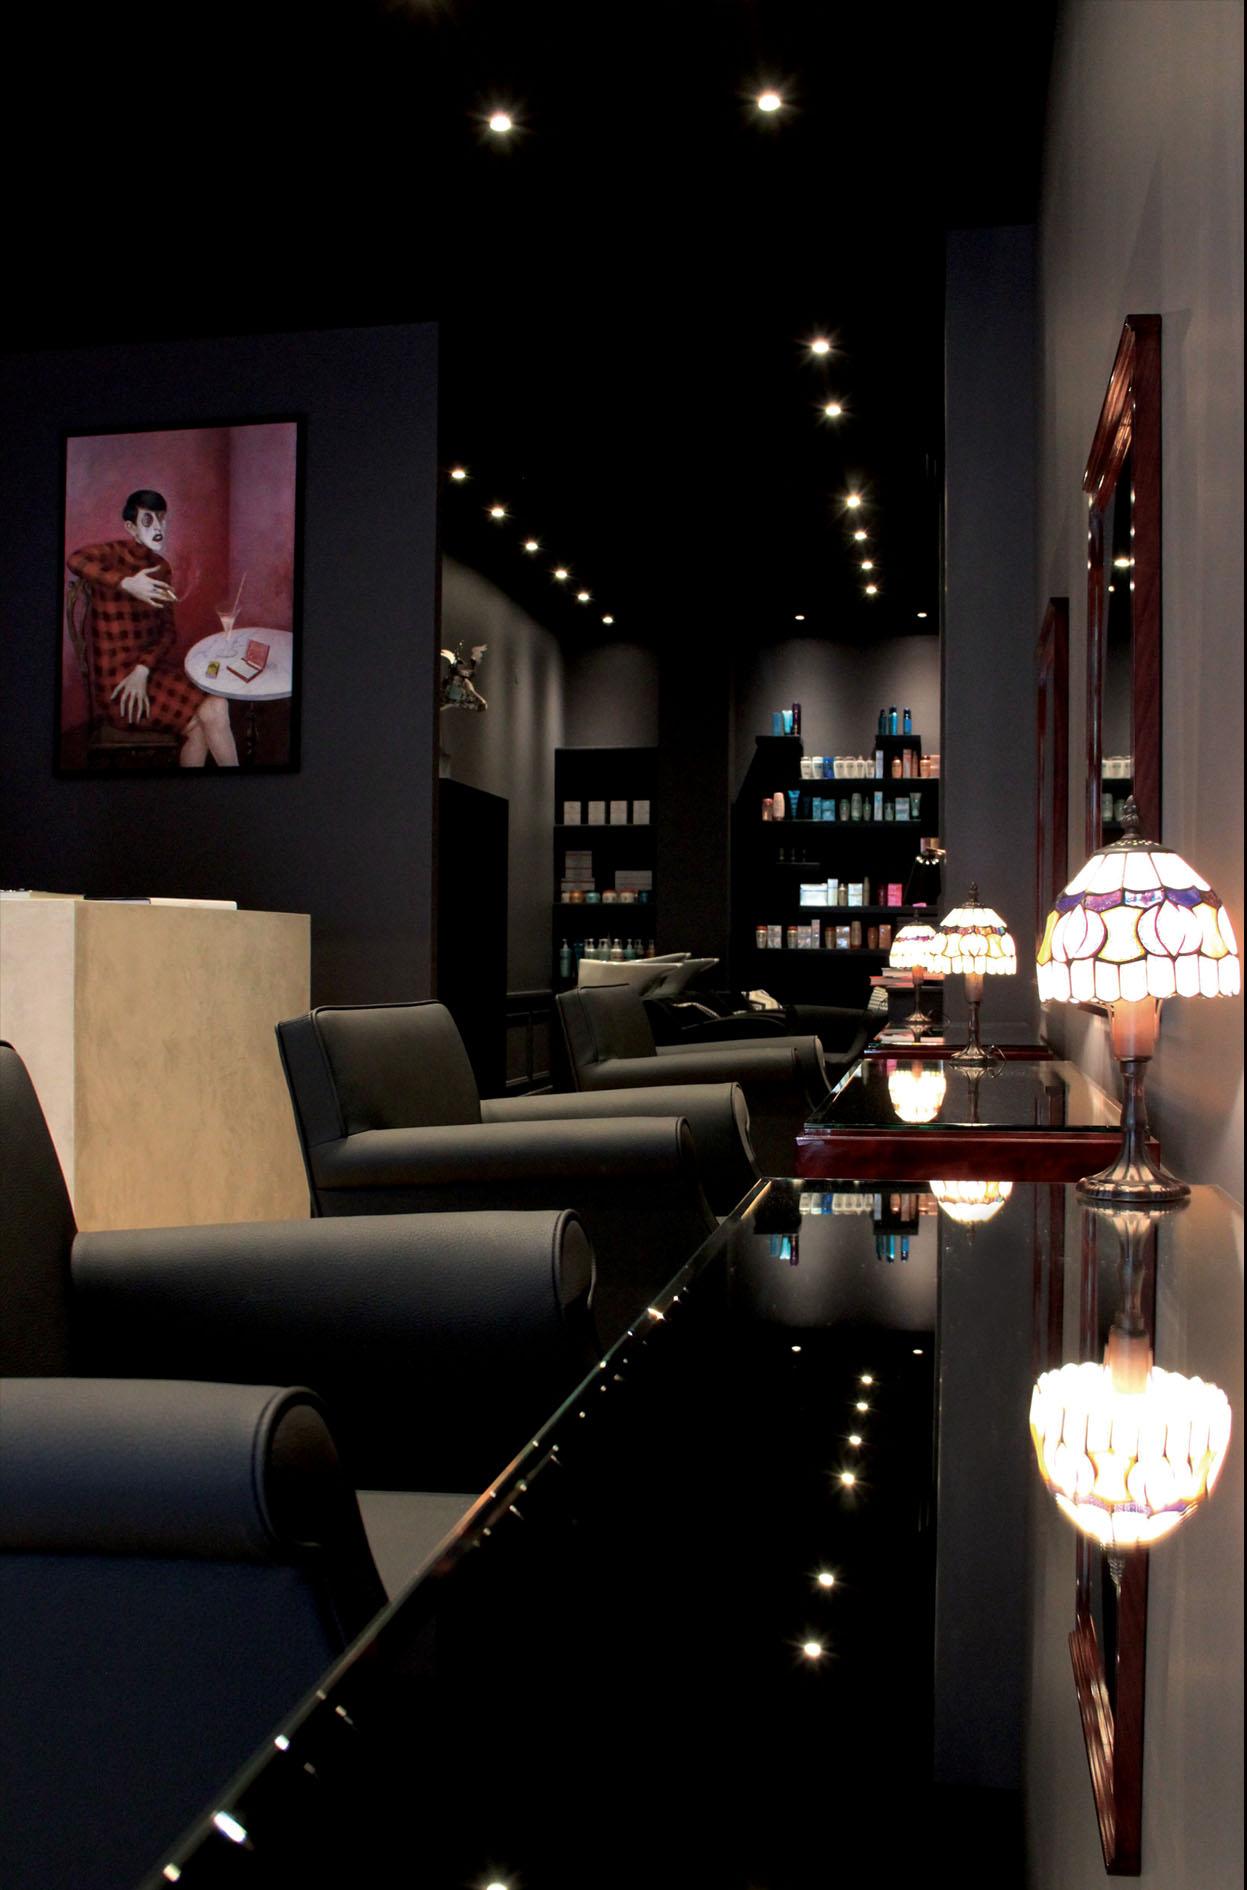 Salon seguier paris 07 avis tarifs horaires t l phone for Salon de coiffure ouvert le dimanche paris